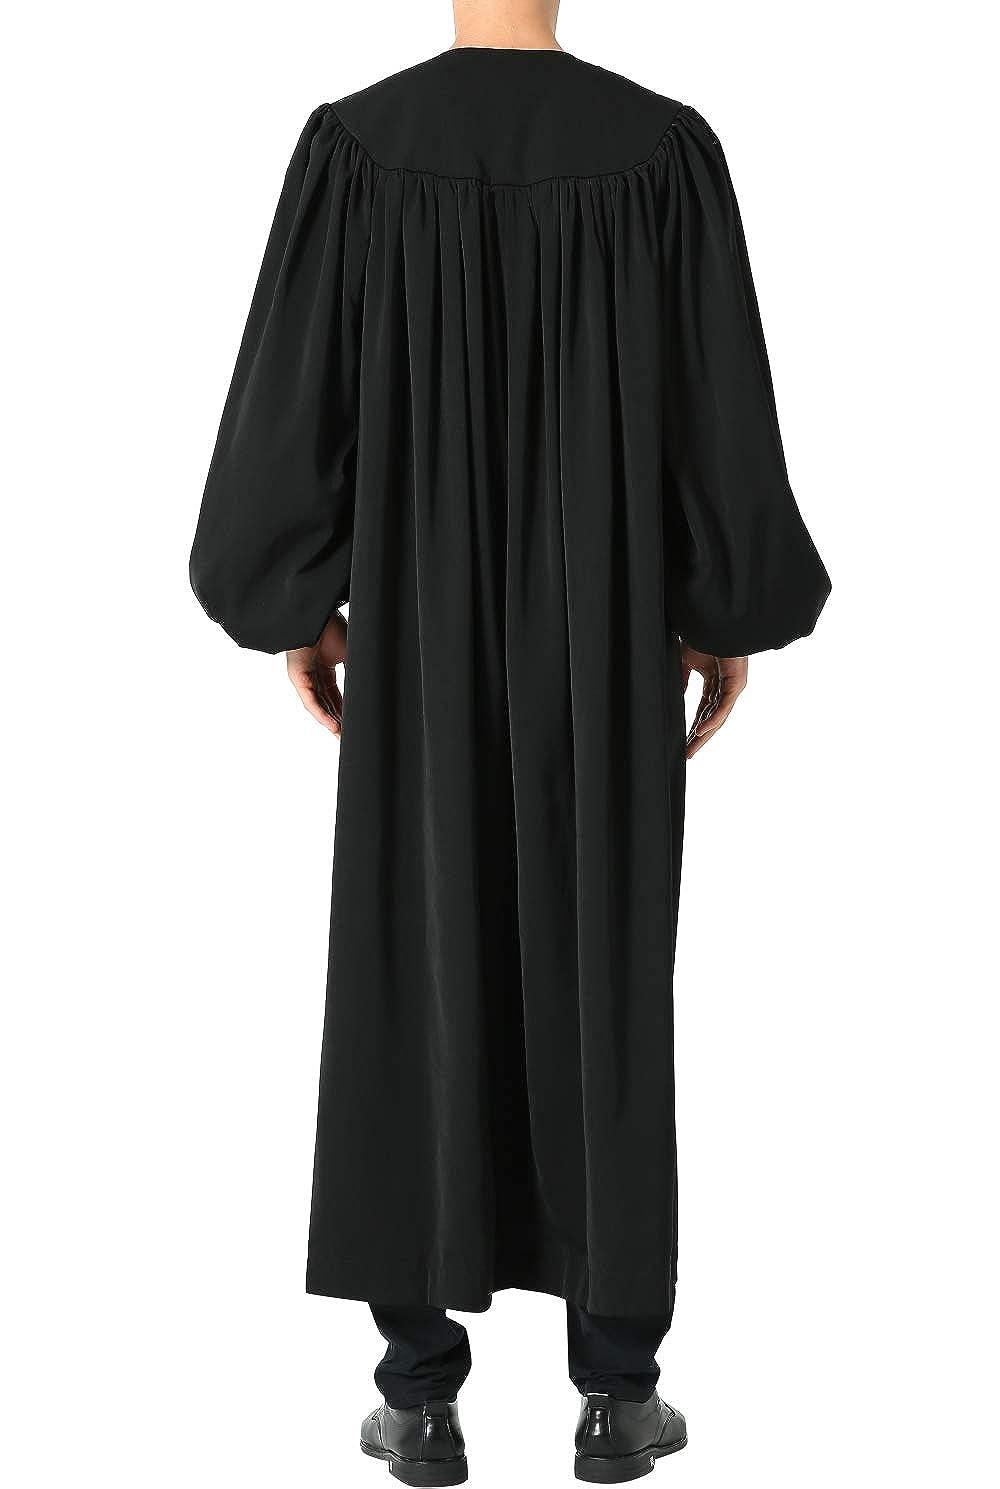 GGS Unisex Adult Premium Matte Fabric Baptismal Robe